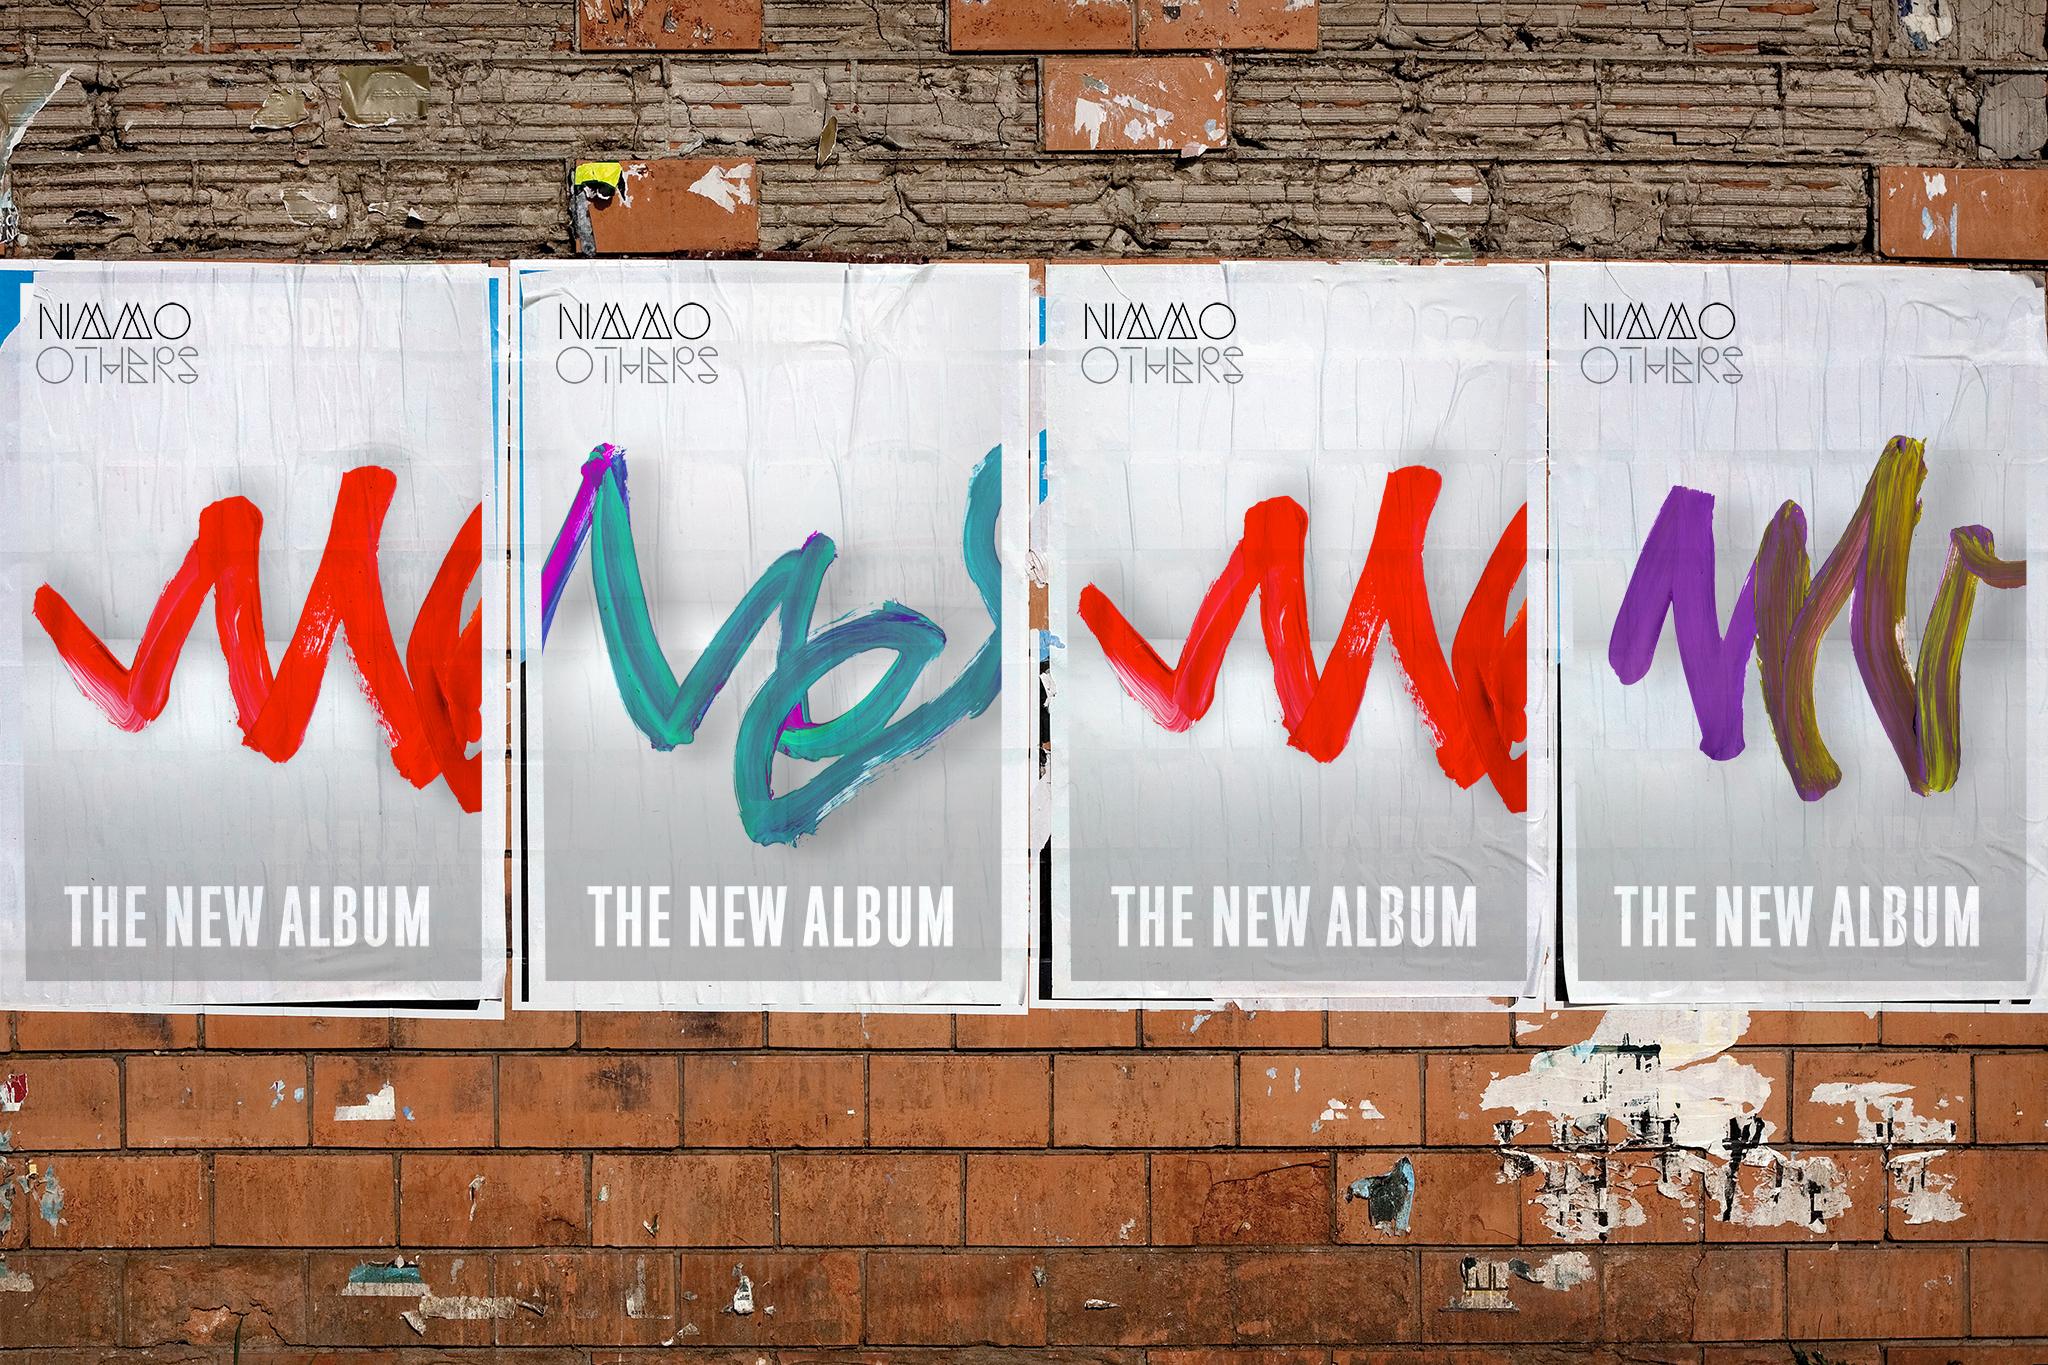 Nimmo, Album Campaign